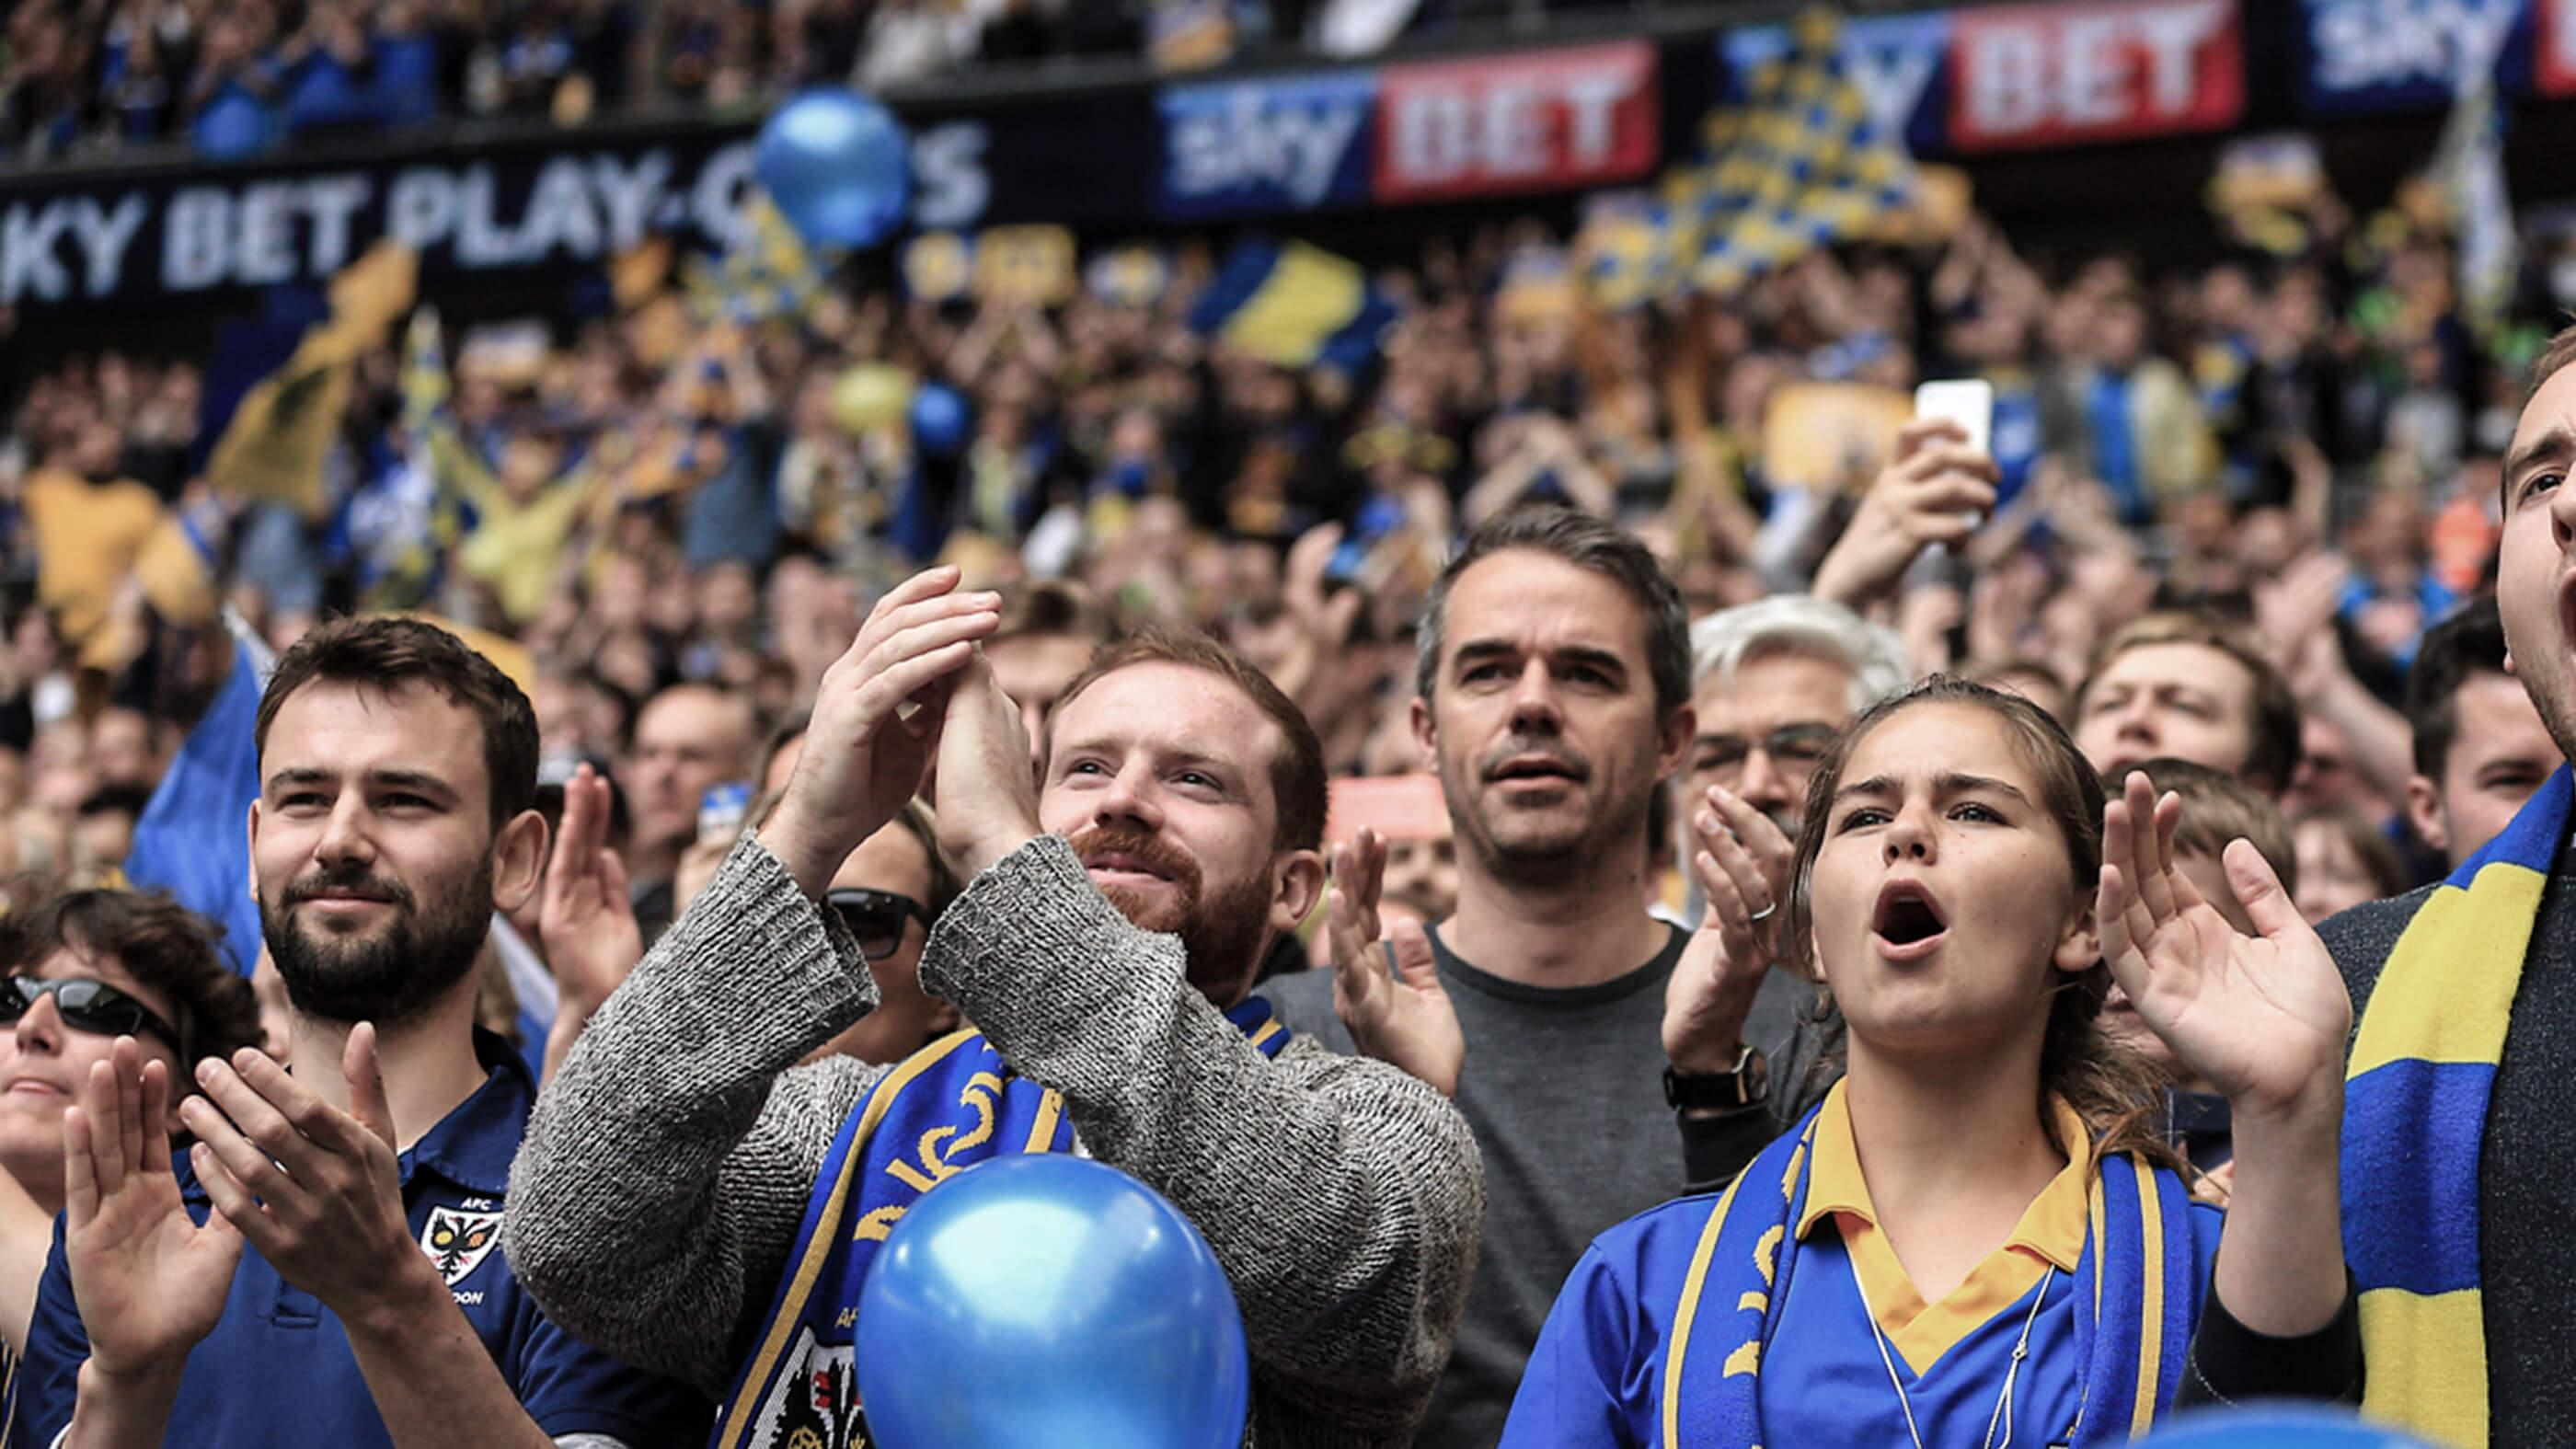 EFL - The English Football League